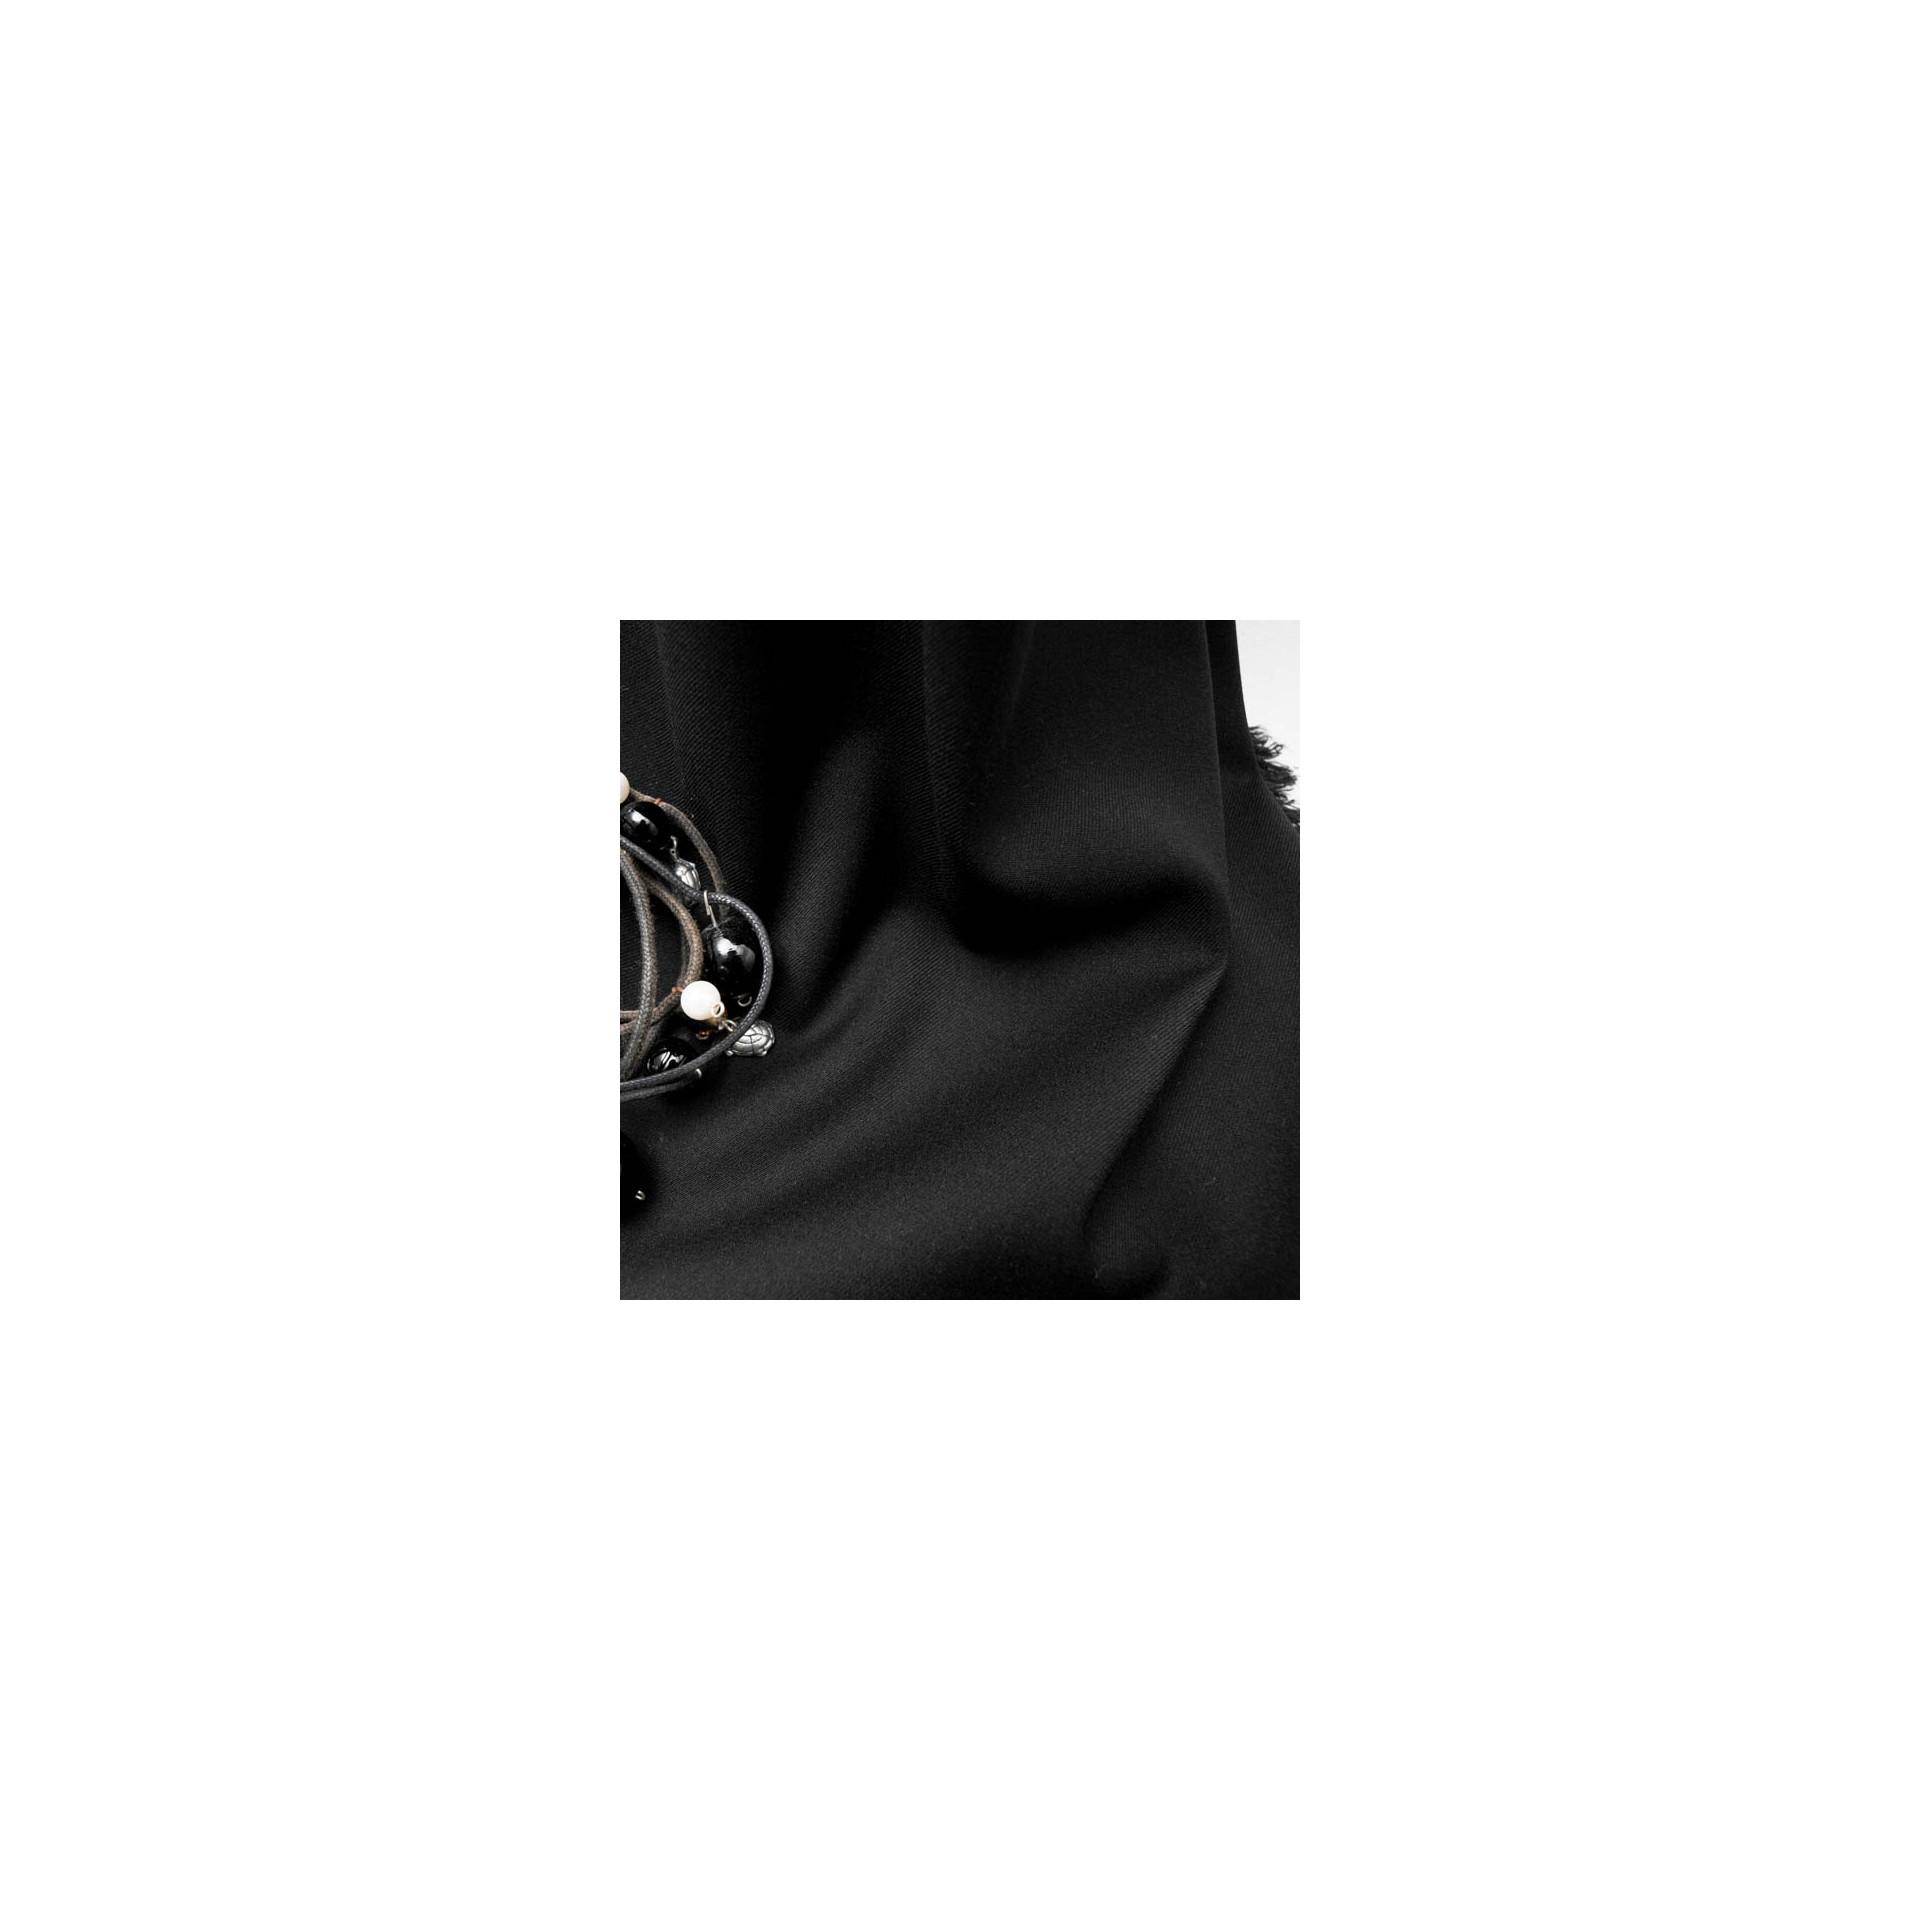 tissu au m tre viscose polyester noir en 145cm n 615 defilentissus. Black Bedroom Furniture Sets. Home Design Ideas